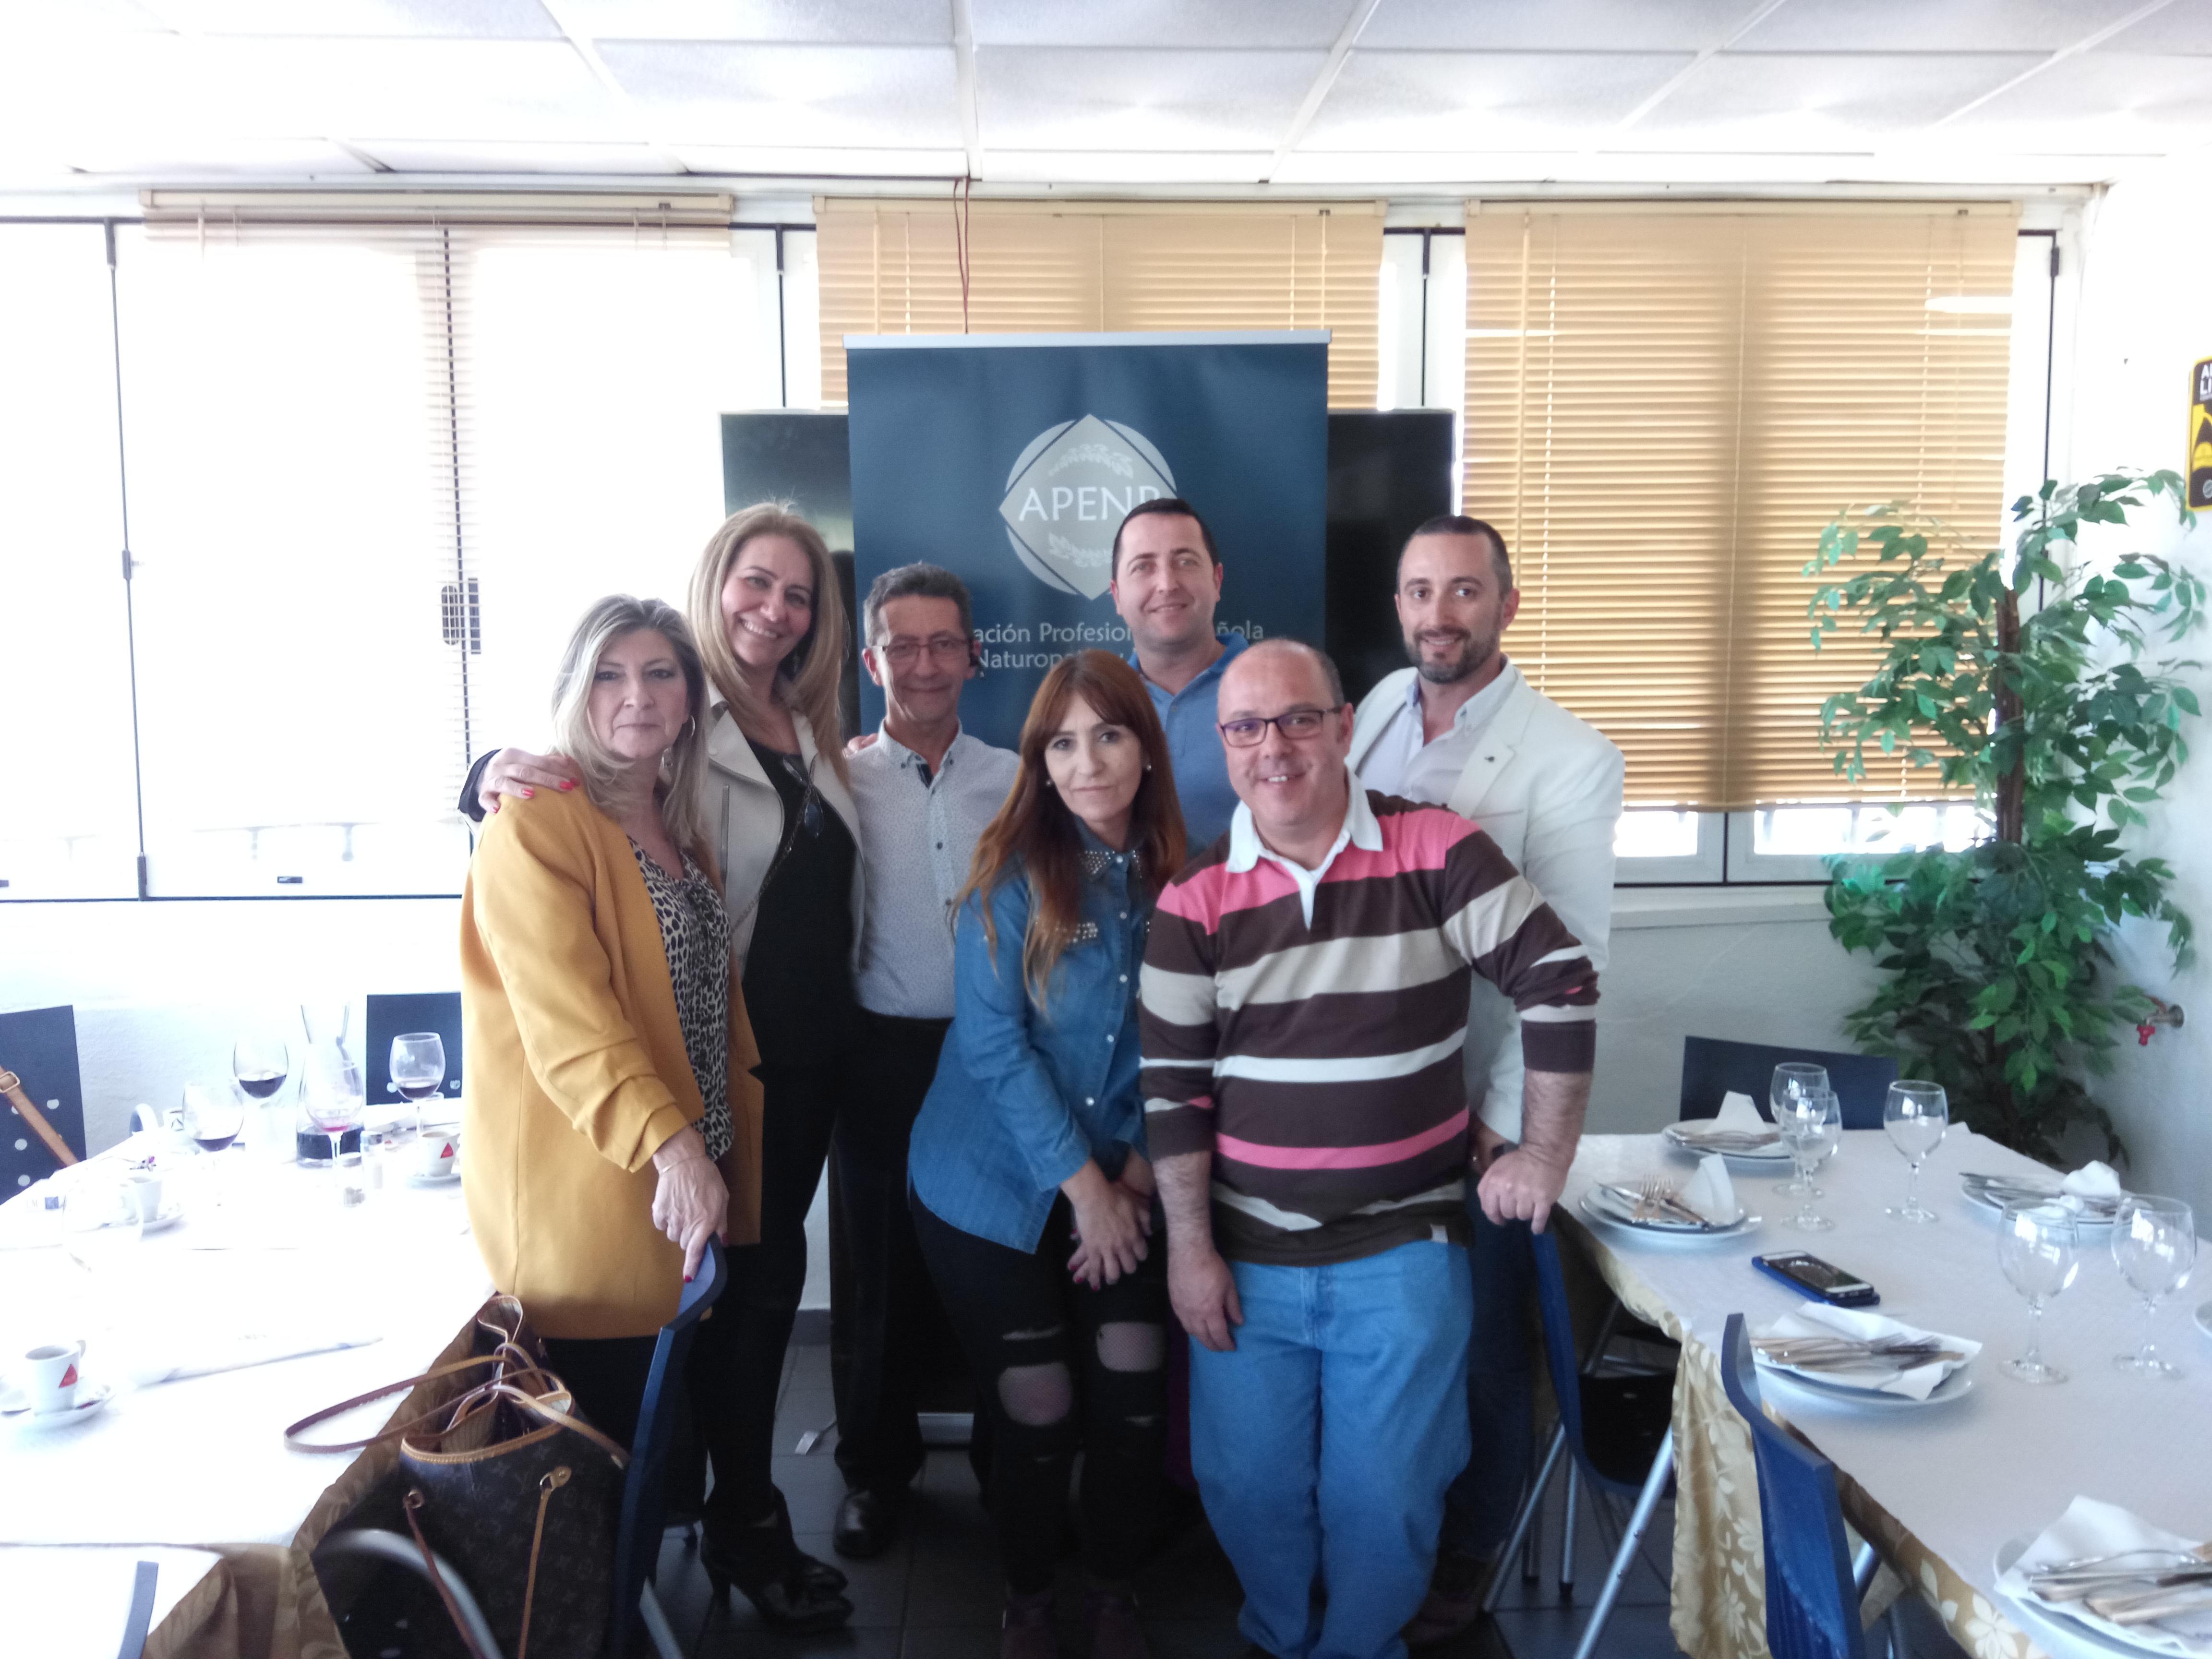 APENB se consolida y crece en Portugal